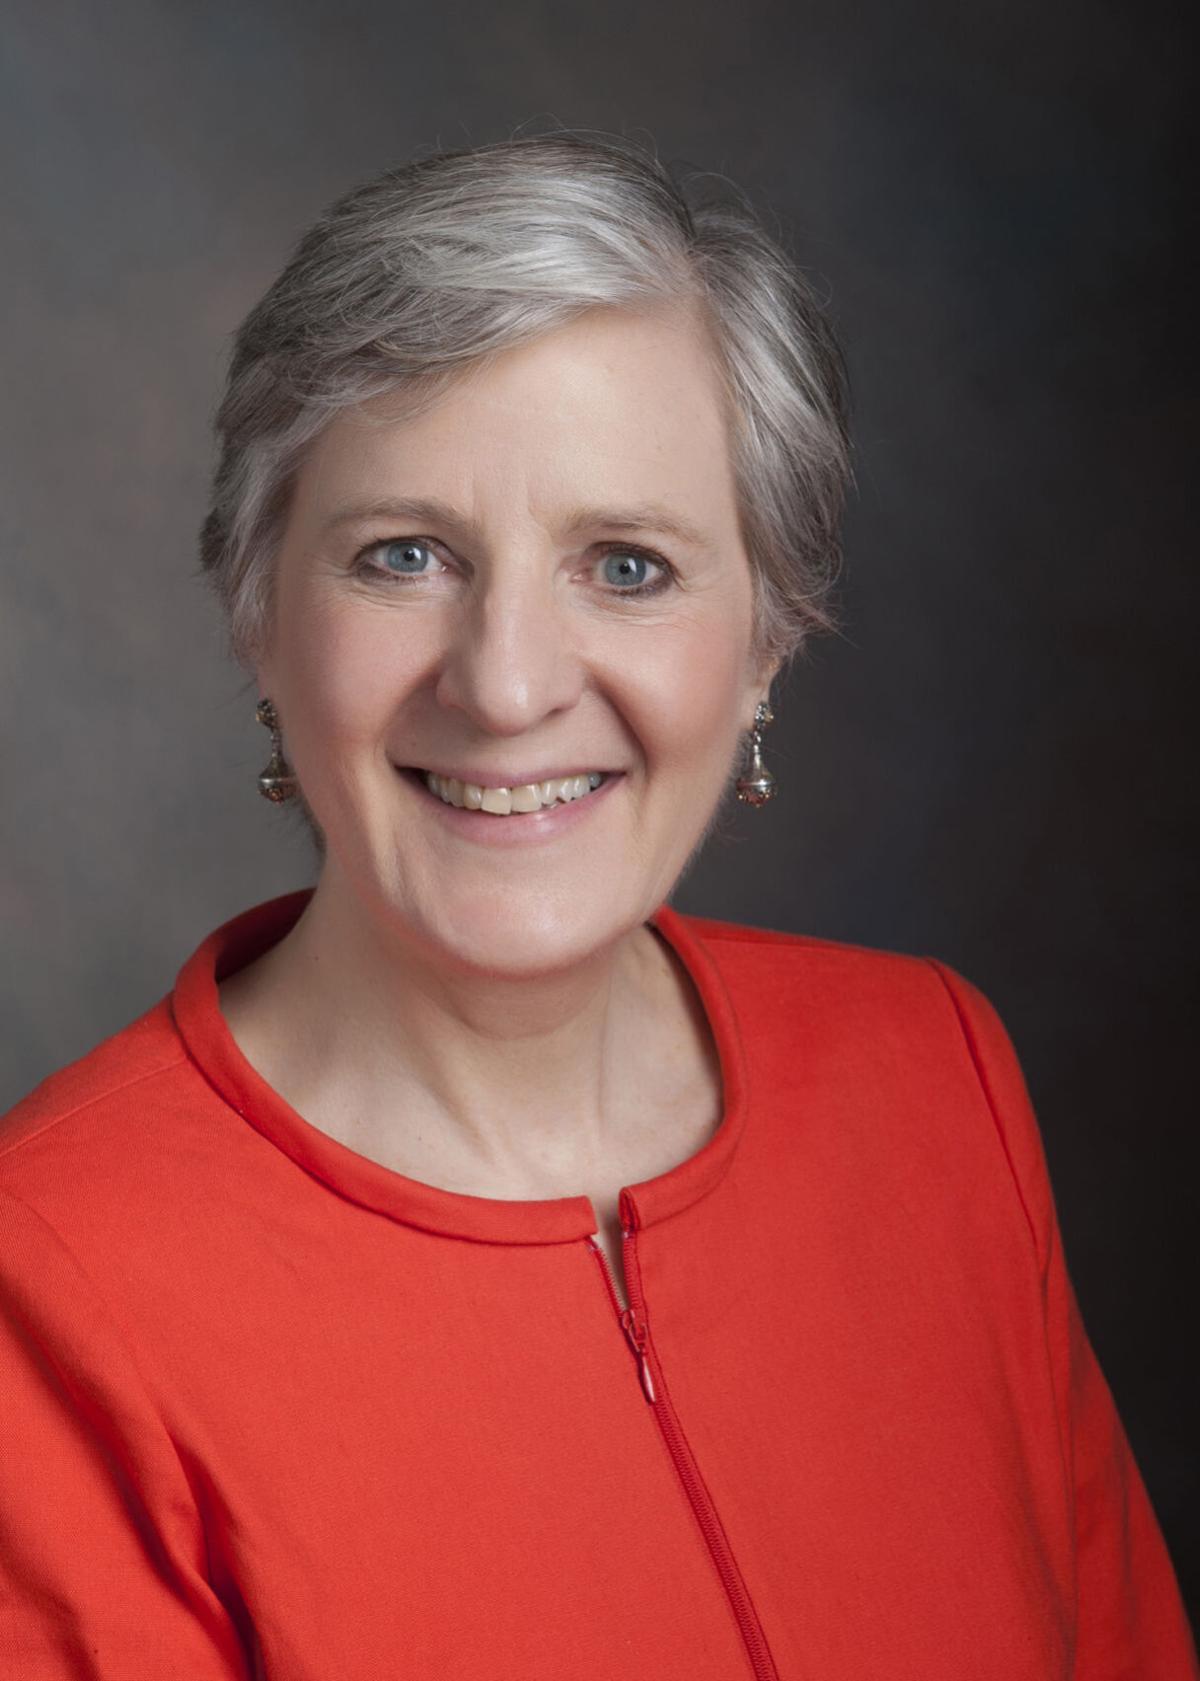 Peggy Sanner